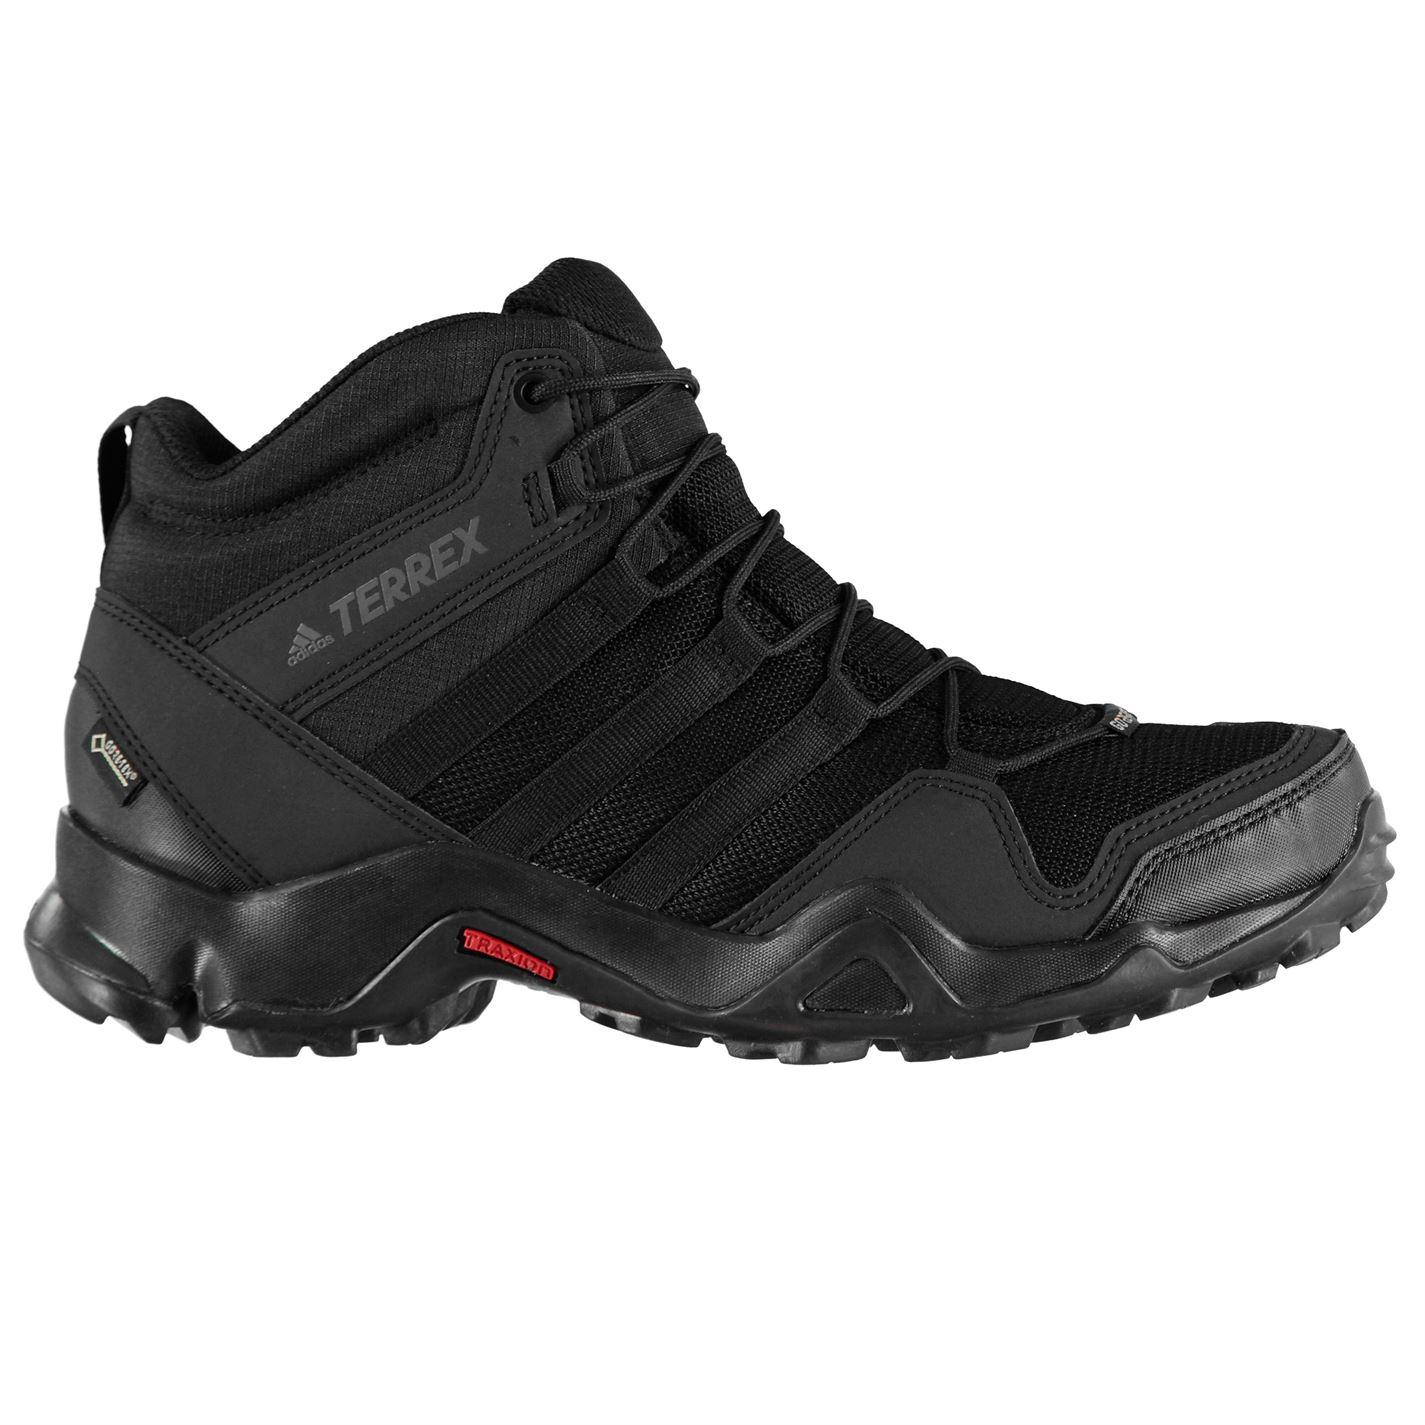 Adidas TERREX AX2R Mid GTX pánske vychádzkové topánky